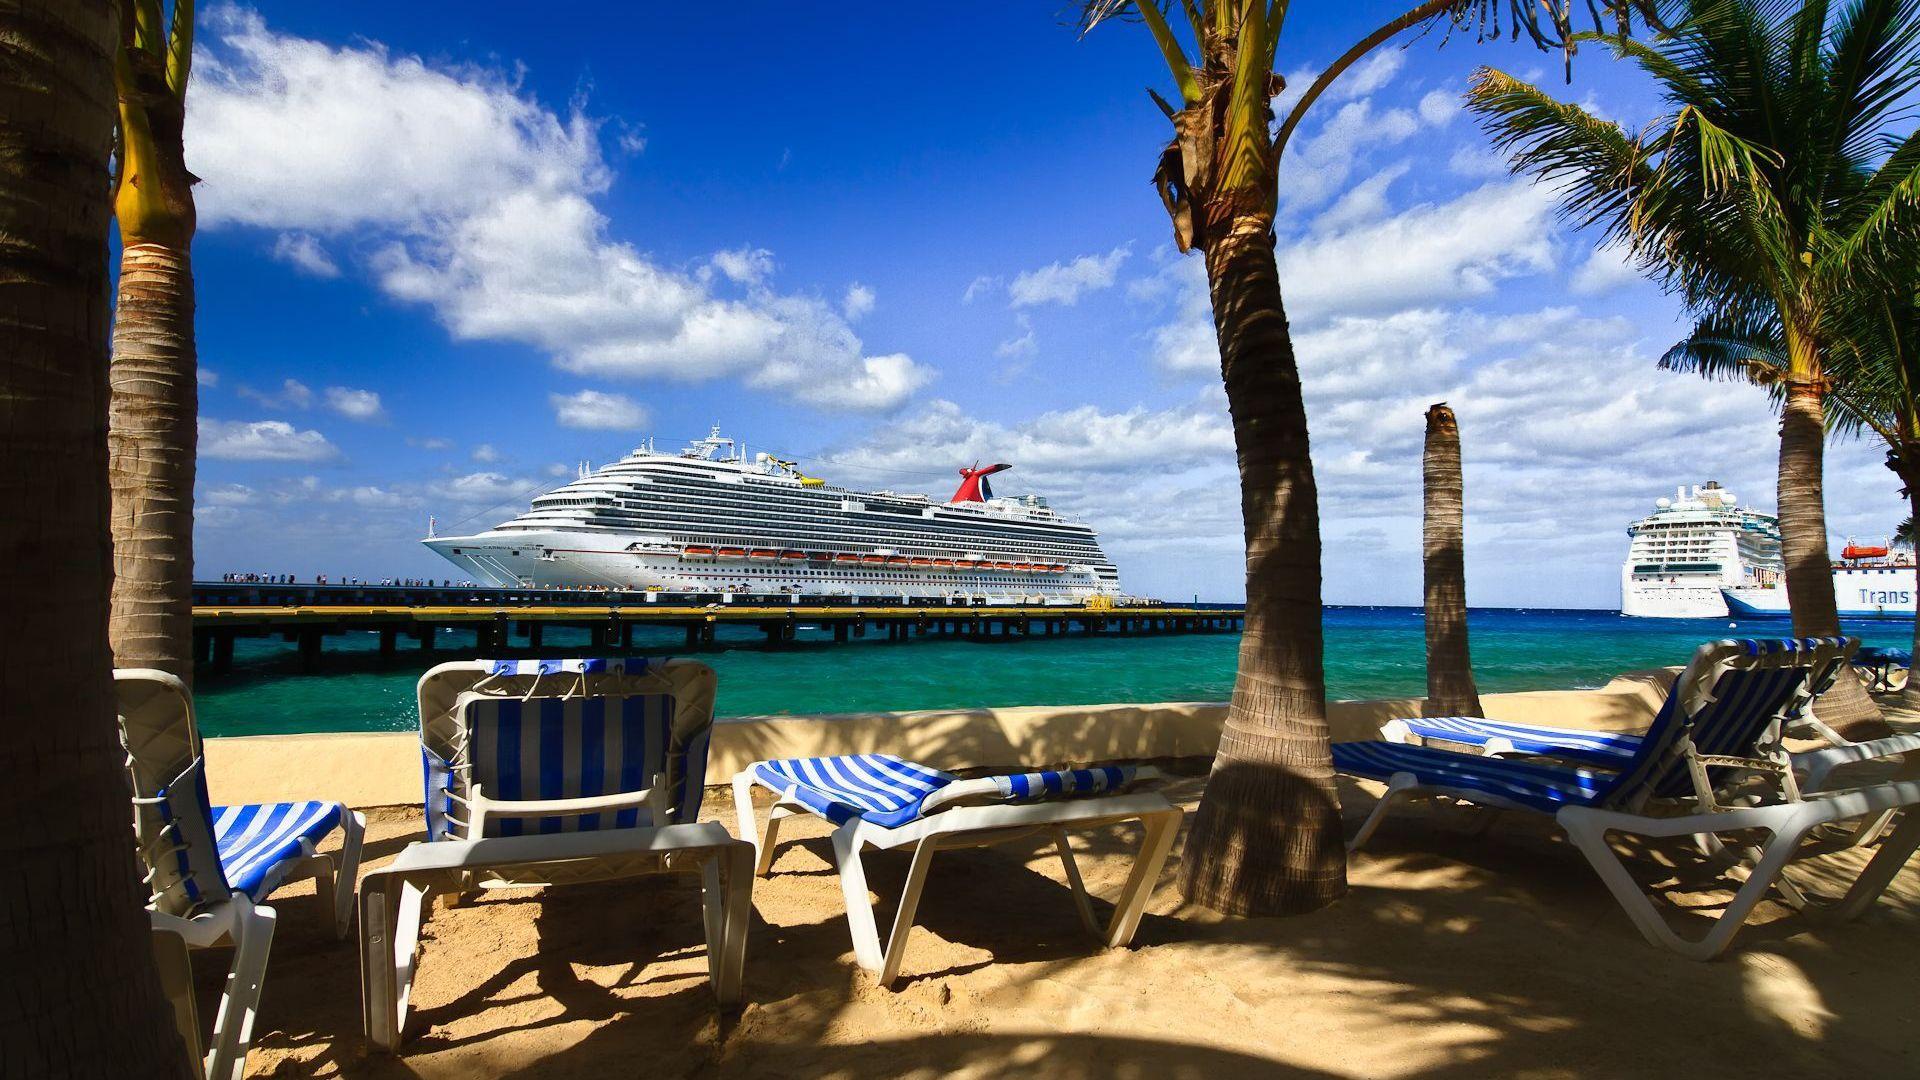 cruise_ships_1920x1080